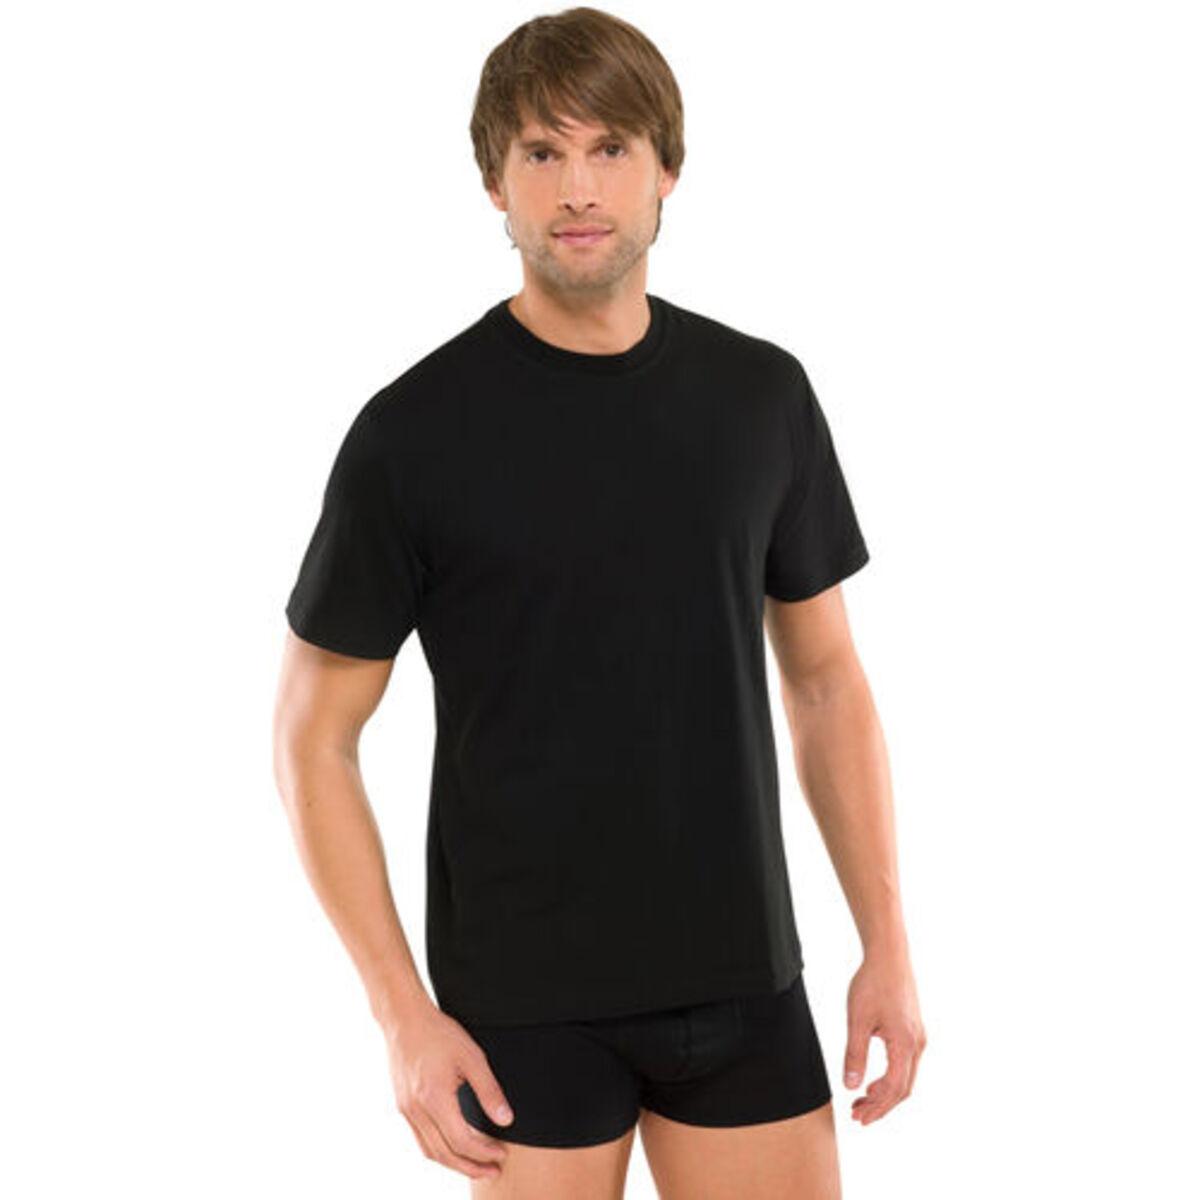 """Bild 3 von Schiesser Herren American T-Shirt """"008150-000"""", 2er-Pack, schwarz, M"""